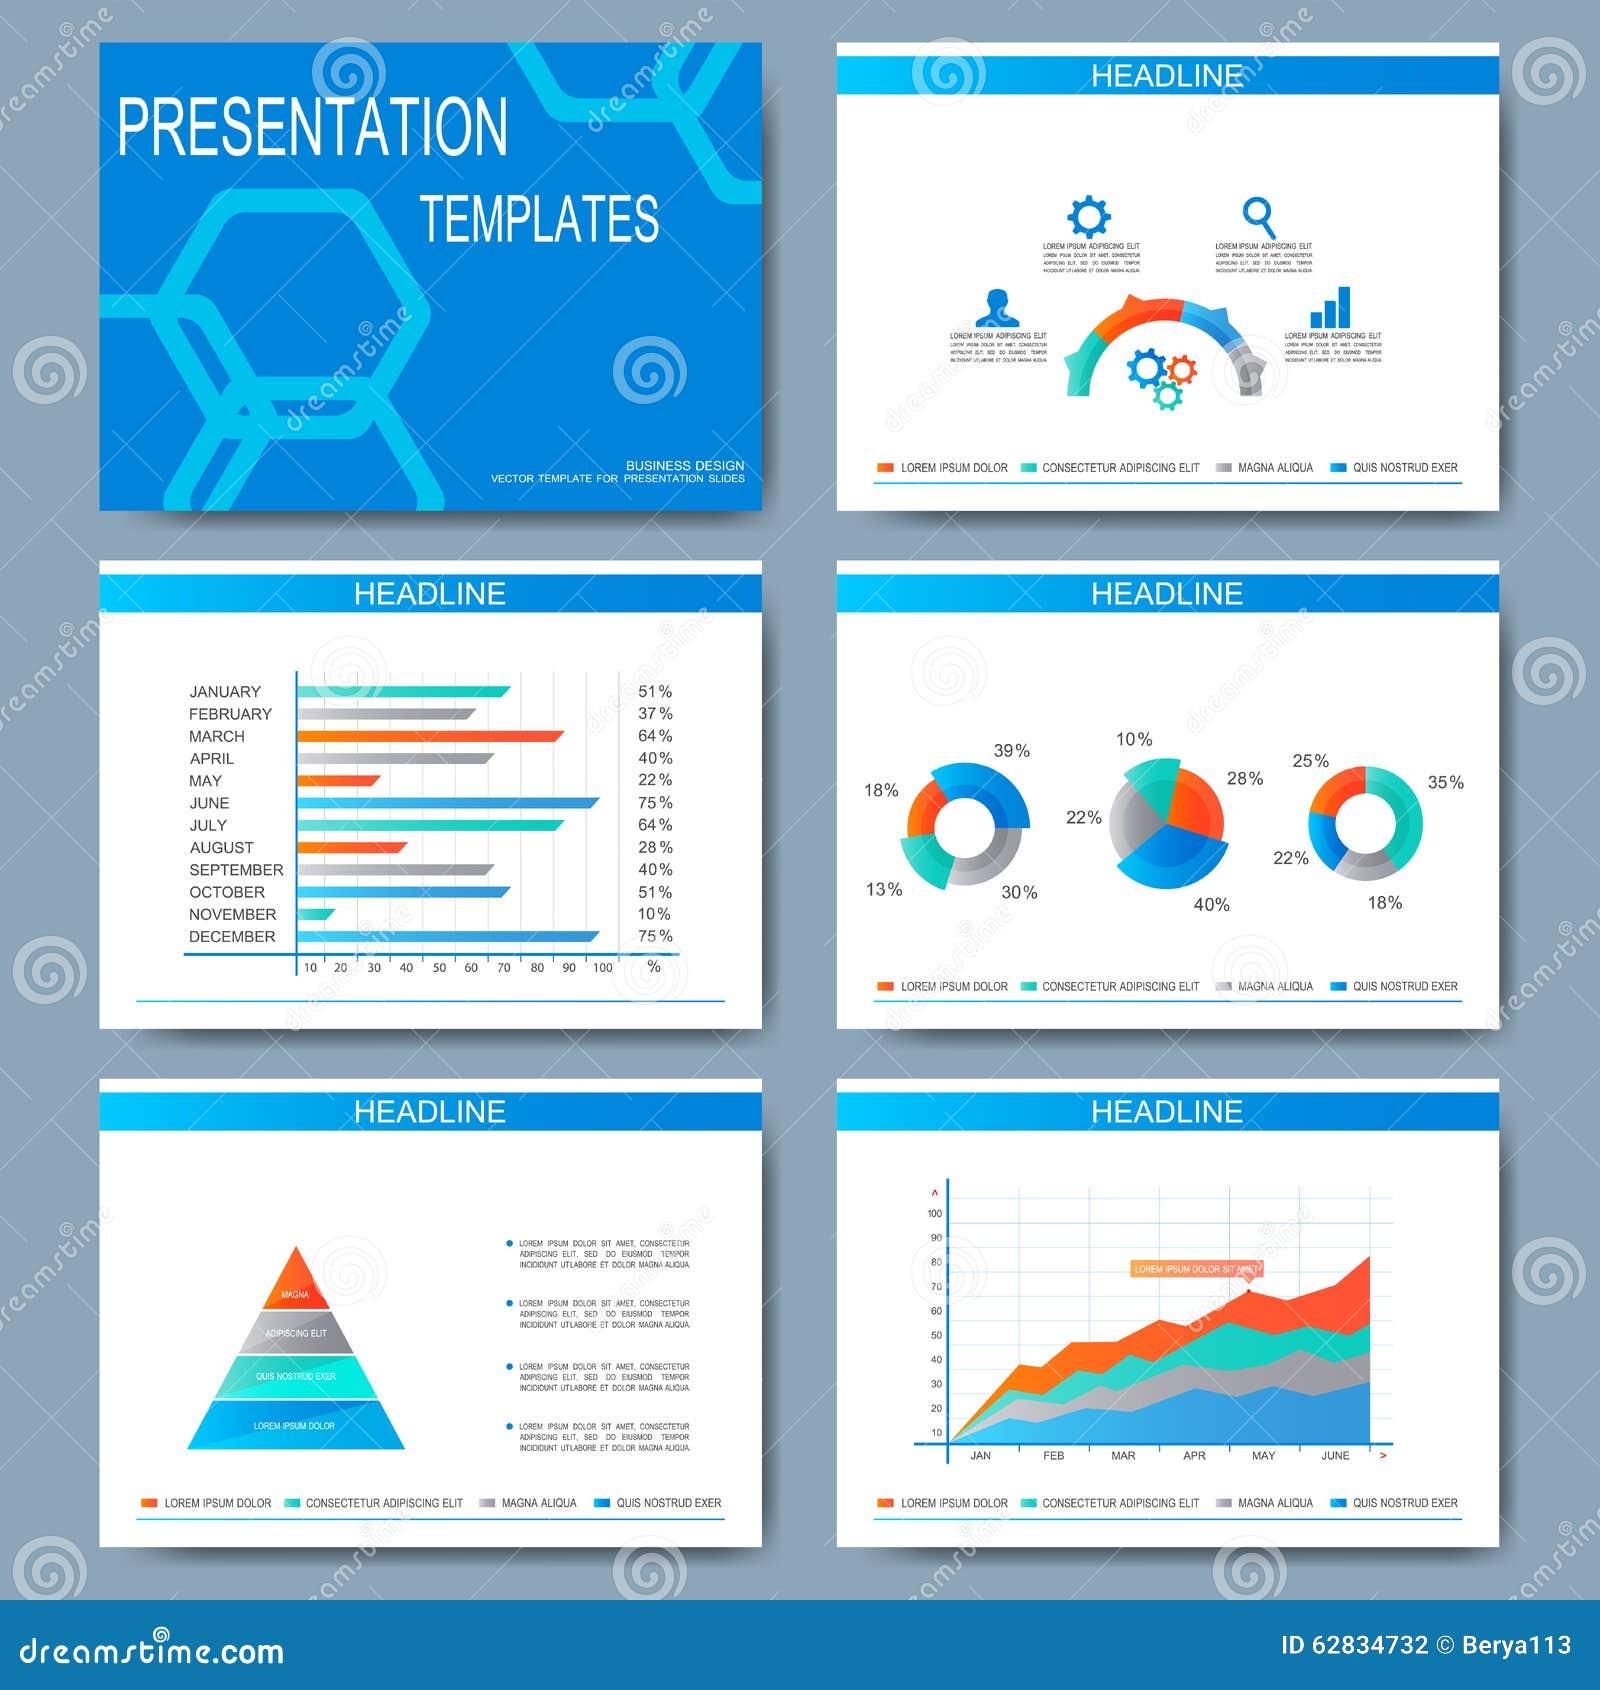 Ppt Slides Design Patterns Free Download